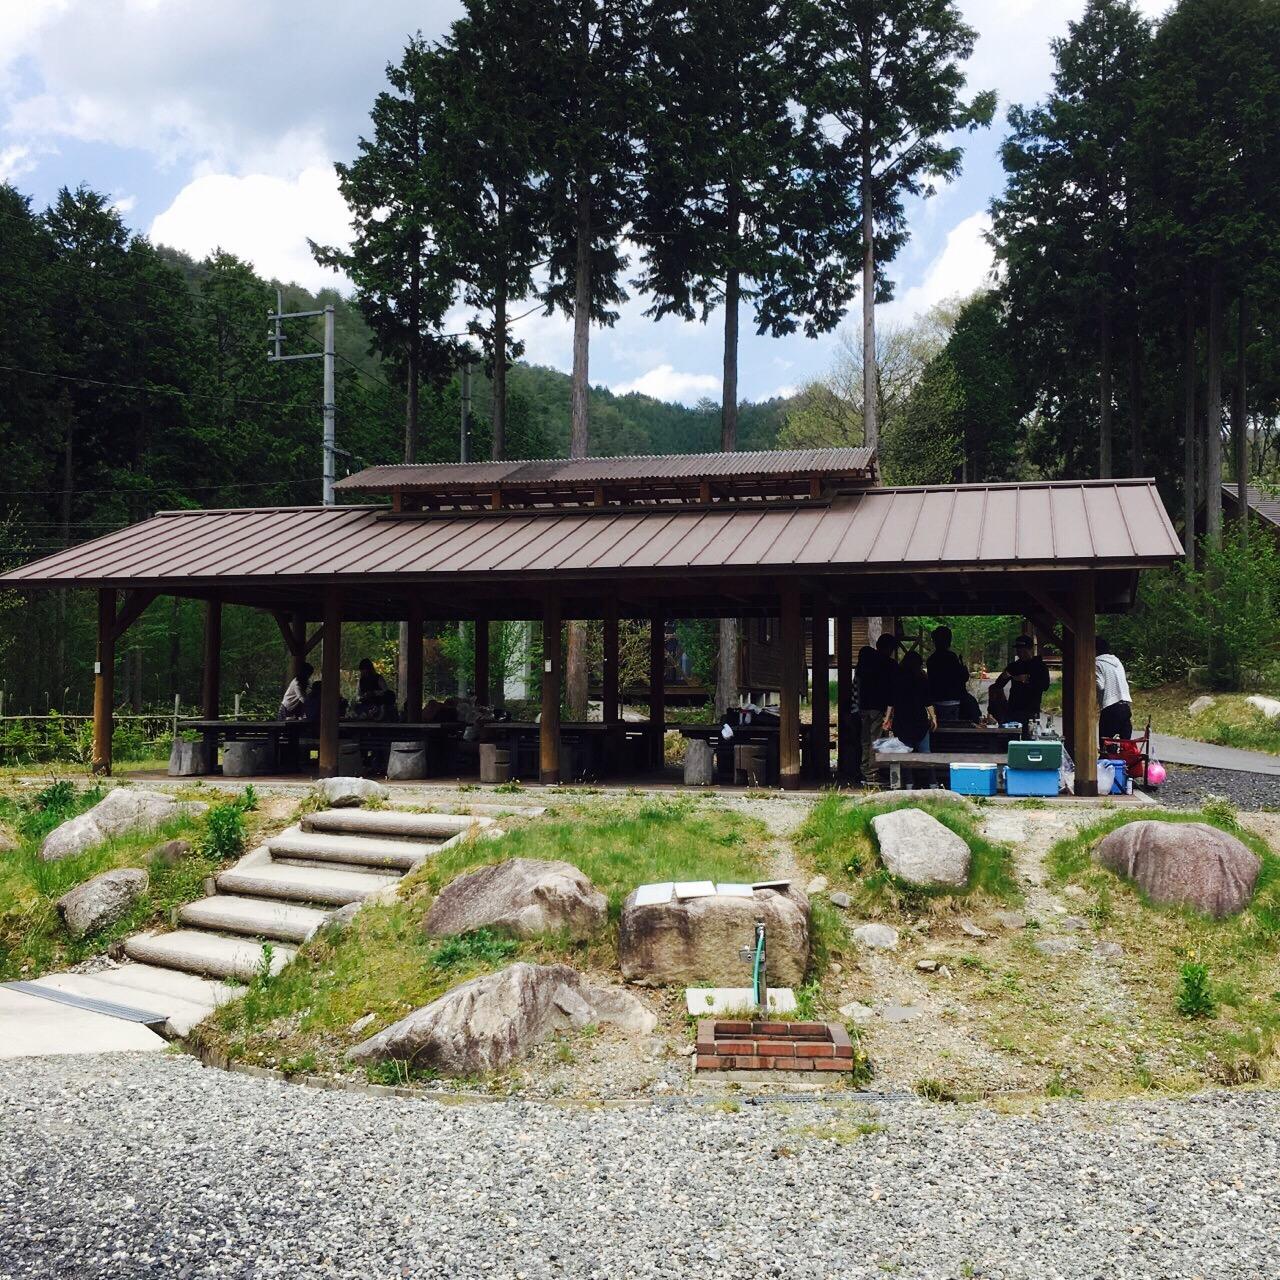 【ペットOK】岡山県津山市「黒木キャンプ場」で自由度の高いキャンプを満喫